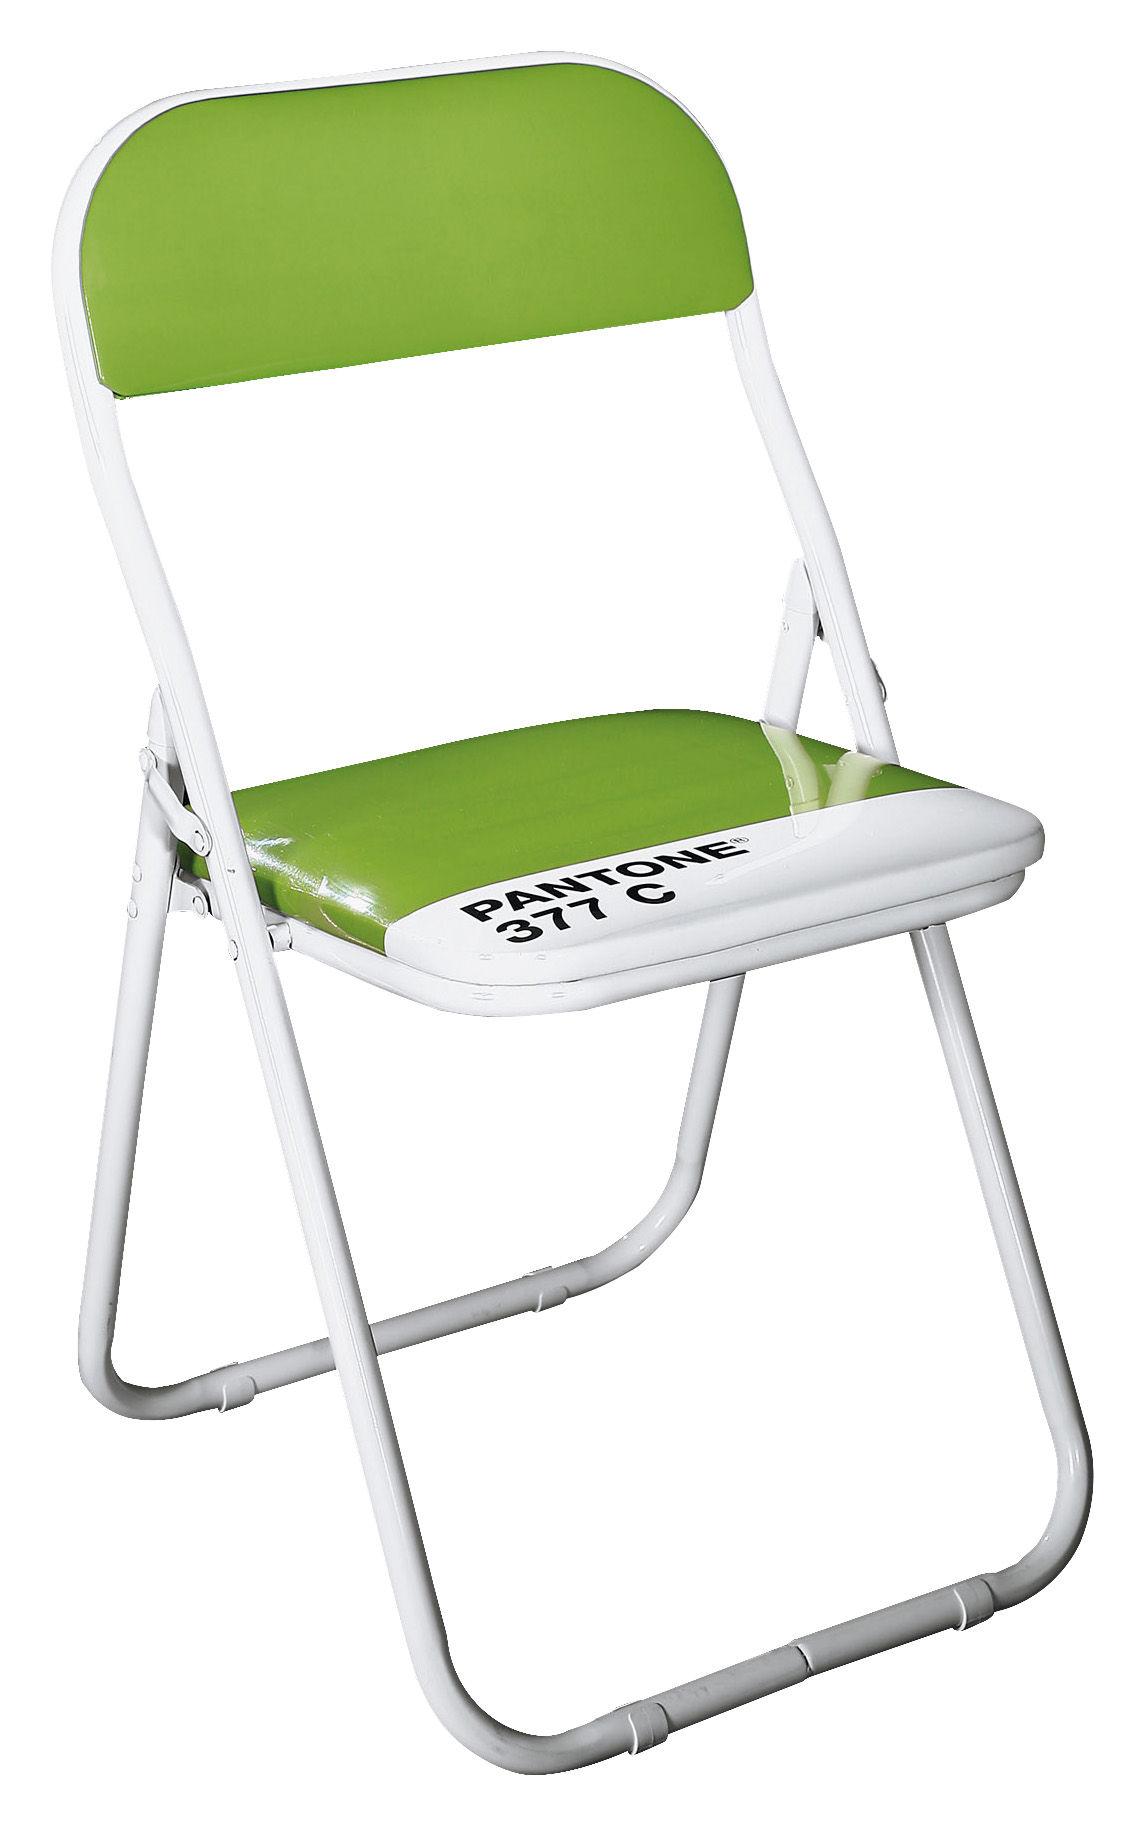 Chaise pliante pantone plastique structure m tal 377c vert perroque - Chaise pliante pantone ...